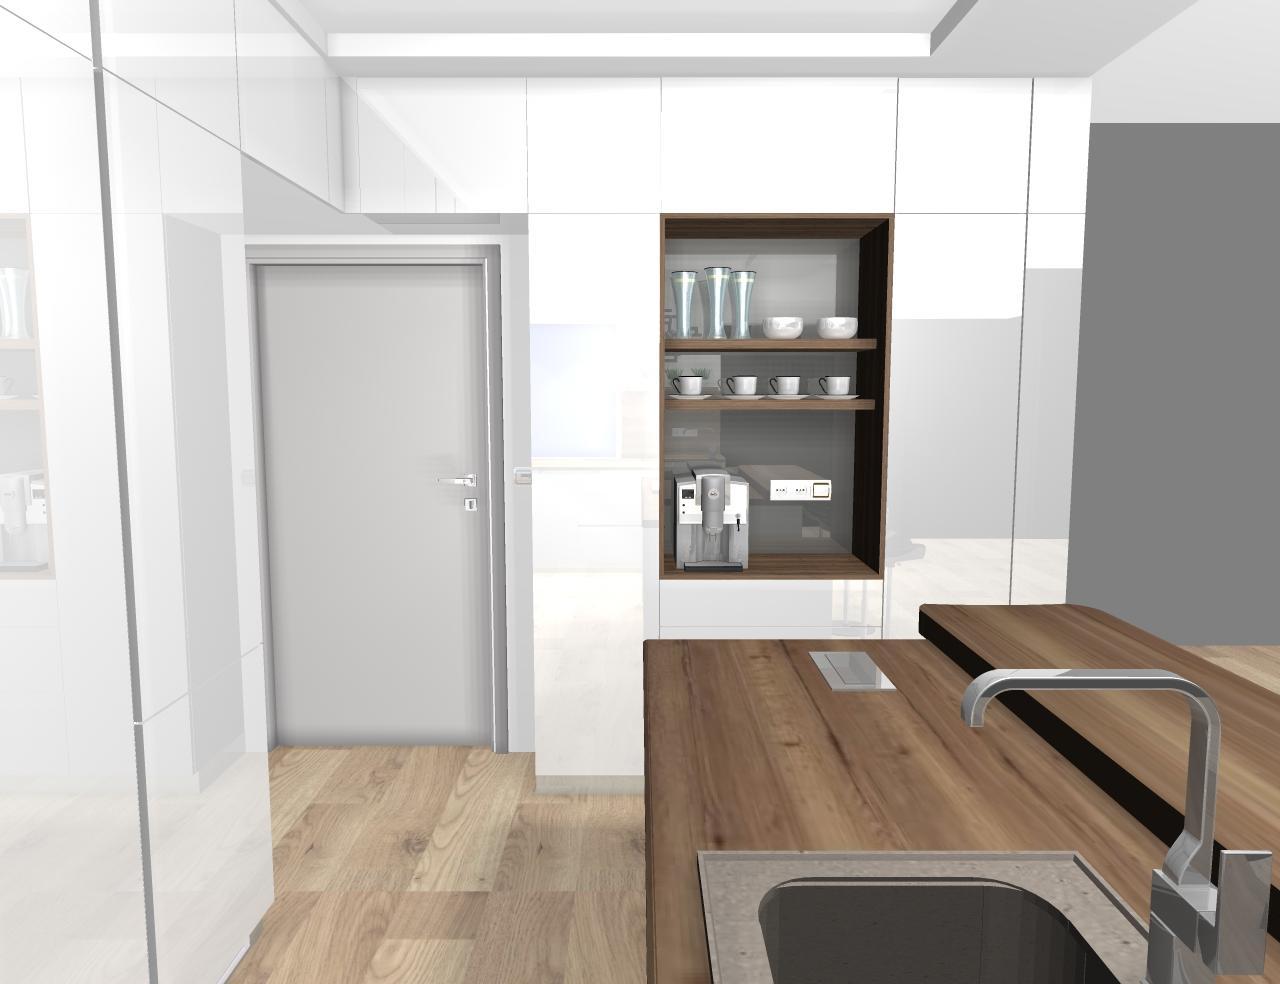 Grafické návrhy kuchynských liniek 2020 - návrh kuchynskej linky do rodinného domu -verzia 1 - obr.6